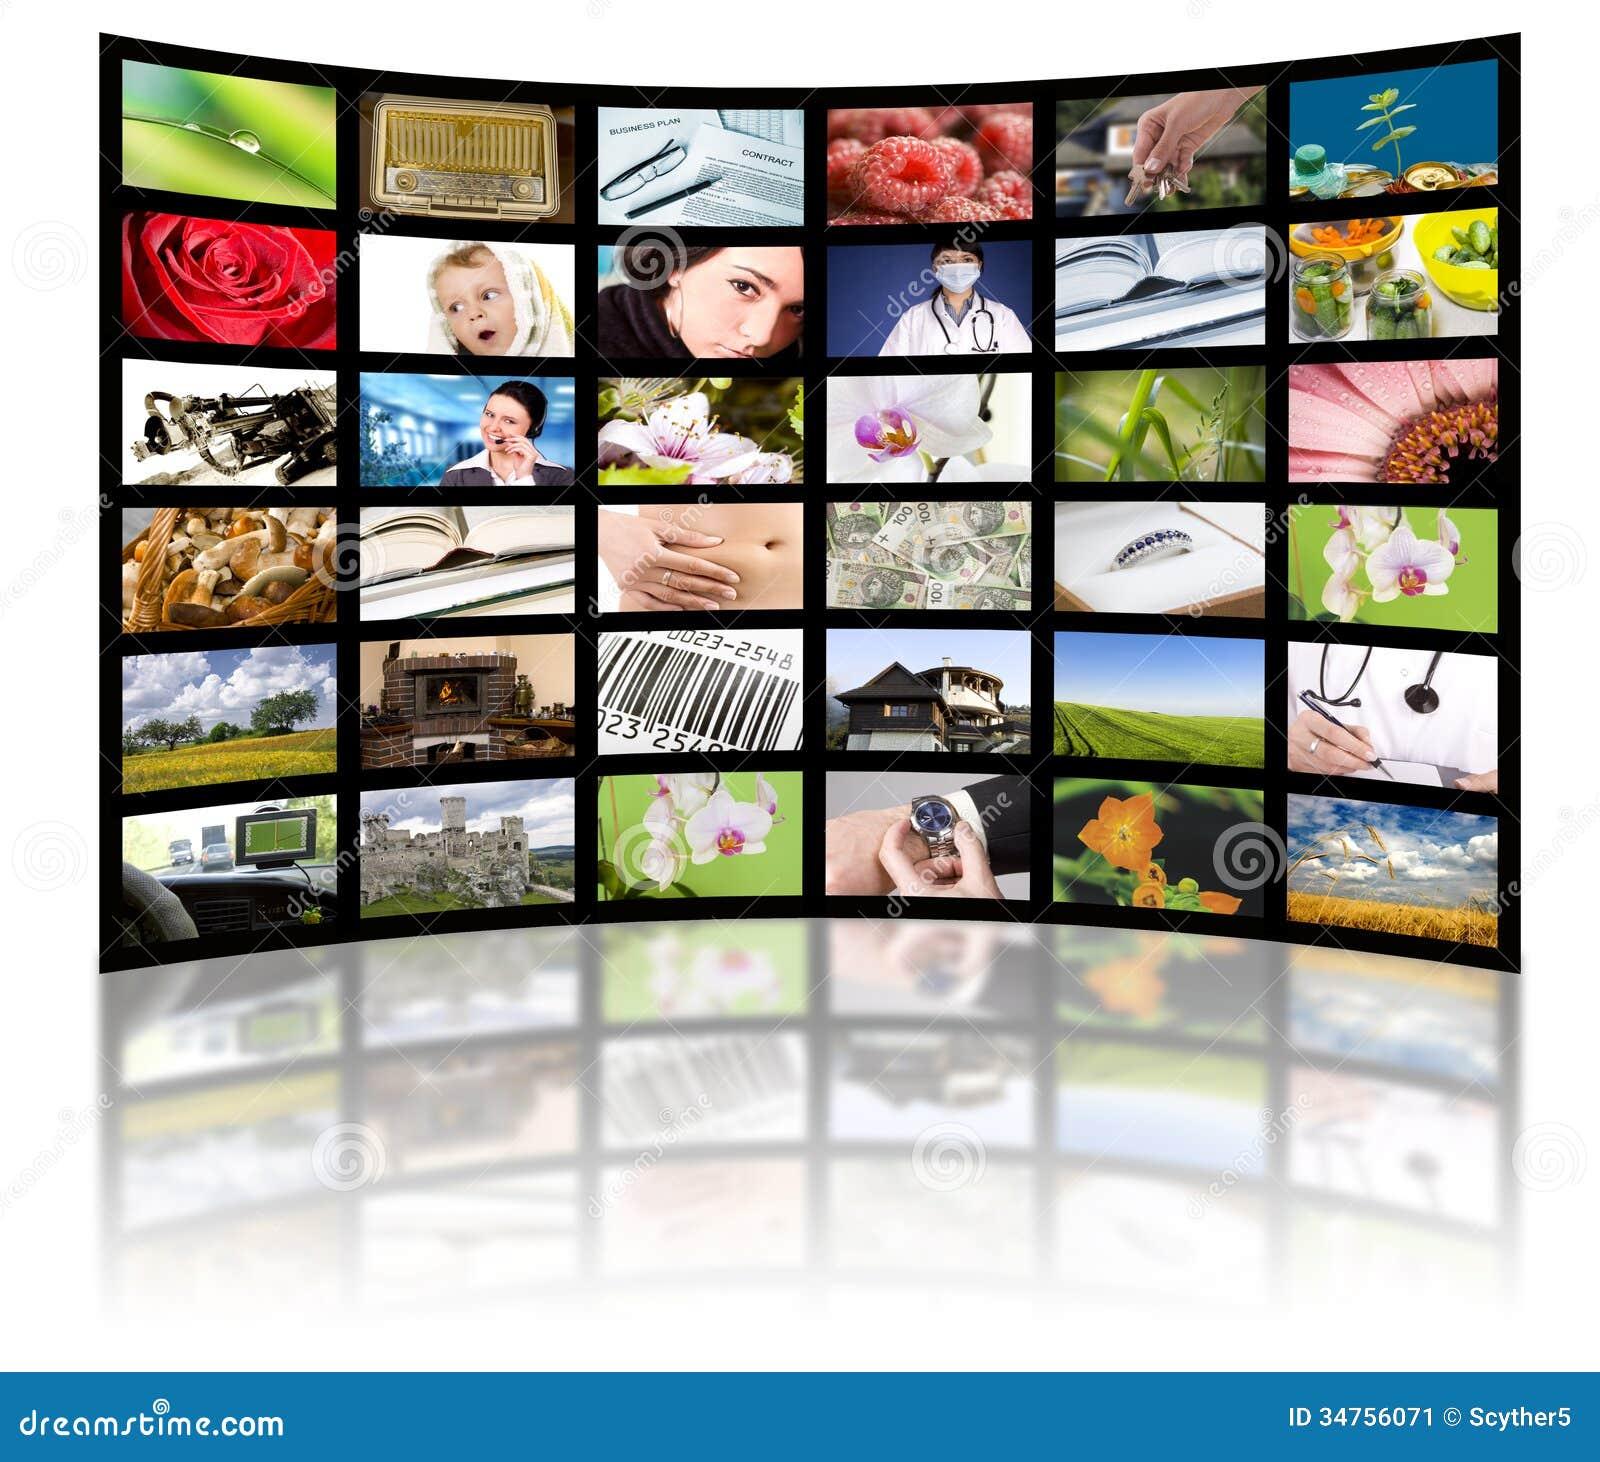 Έννοια τηλεοπτικής παραγωγής. Επιτροπές κινηματογράφων TV